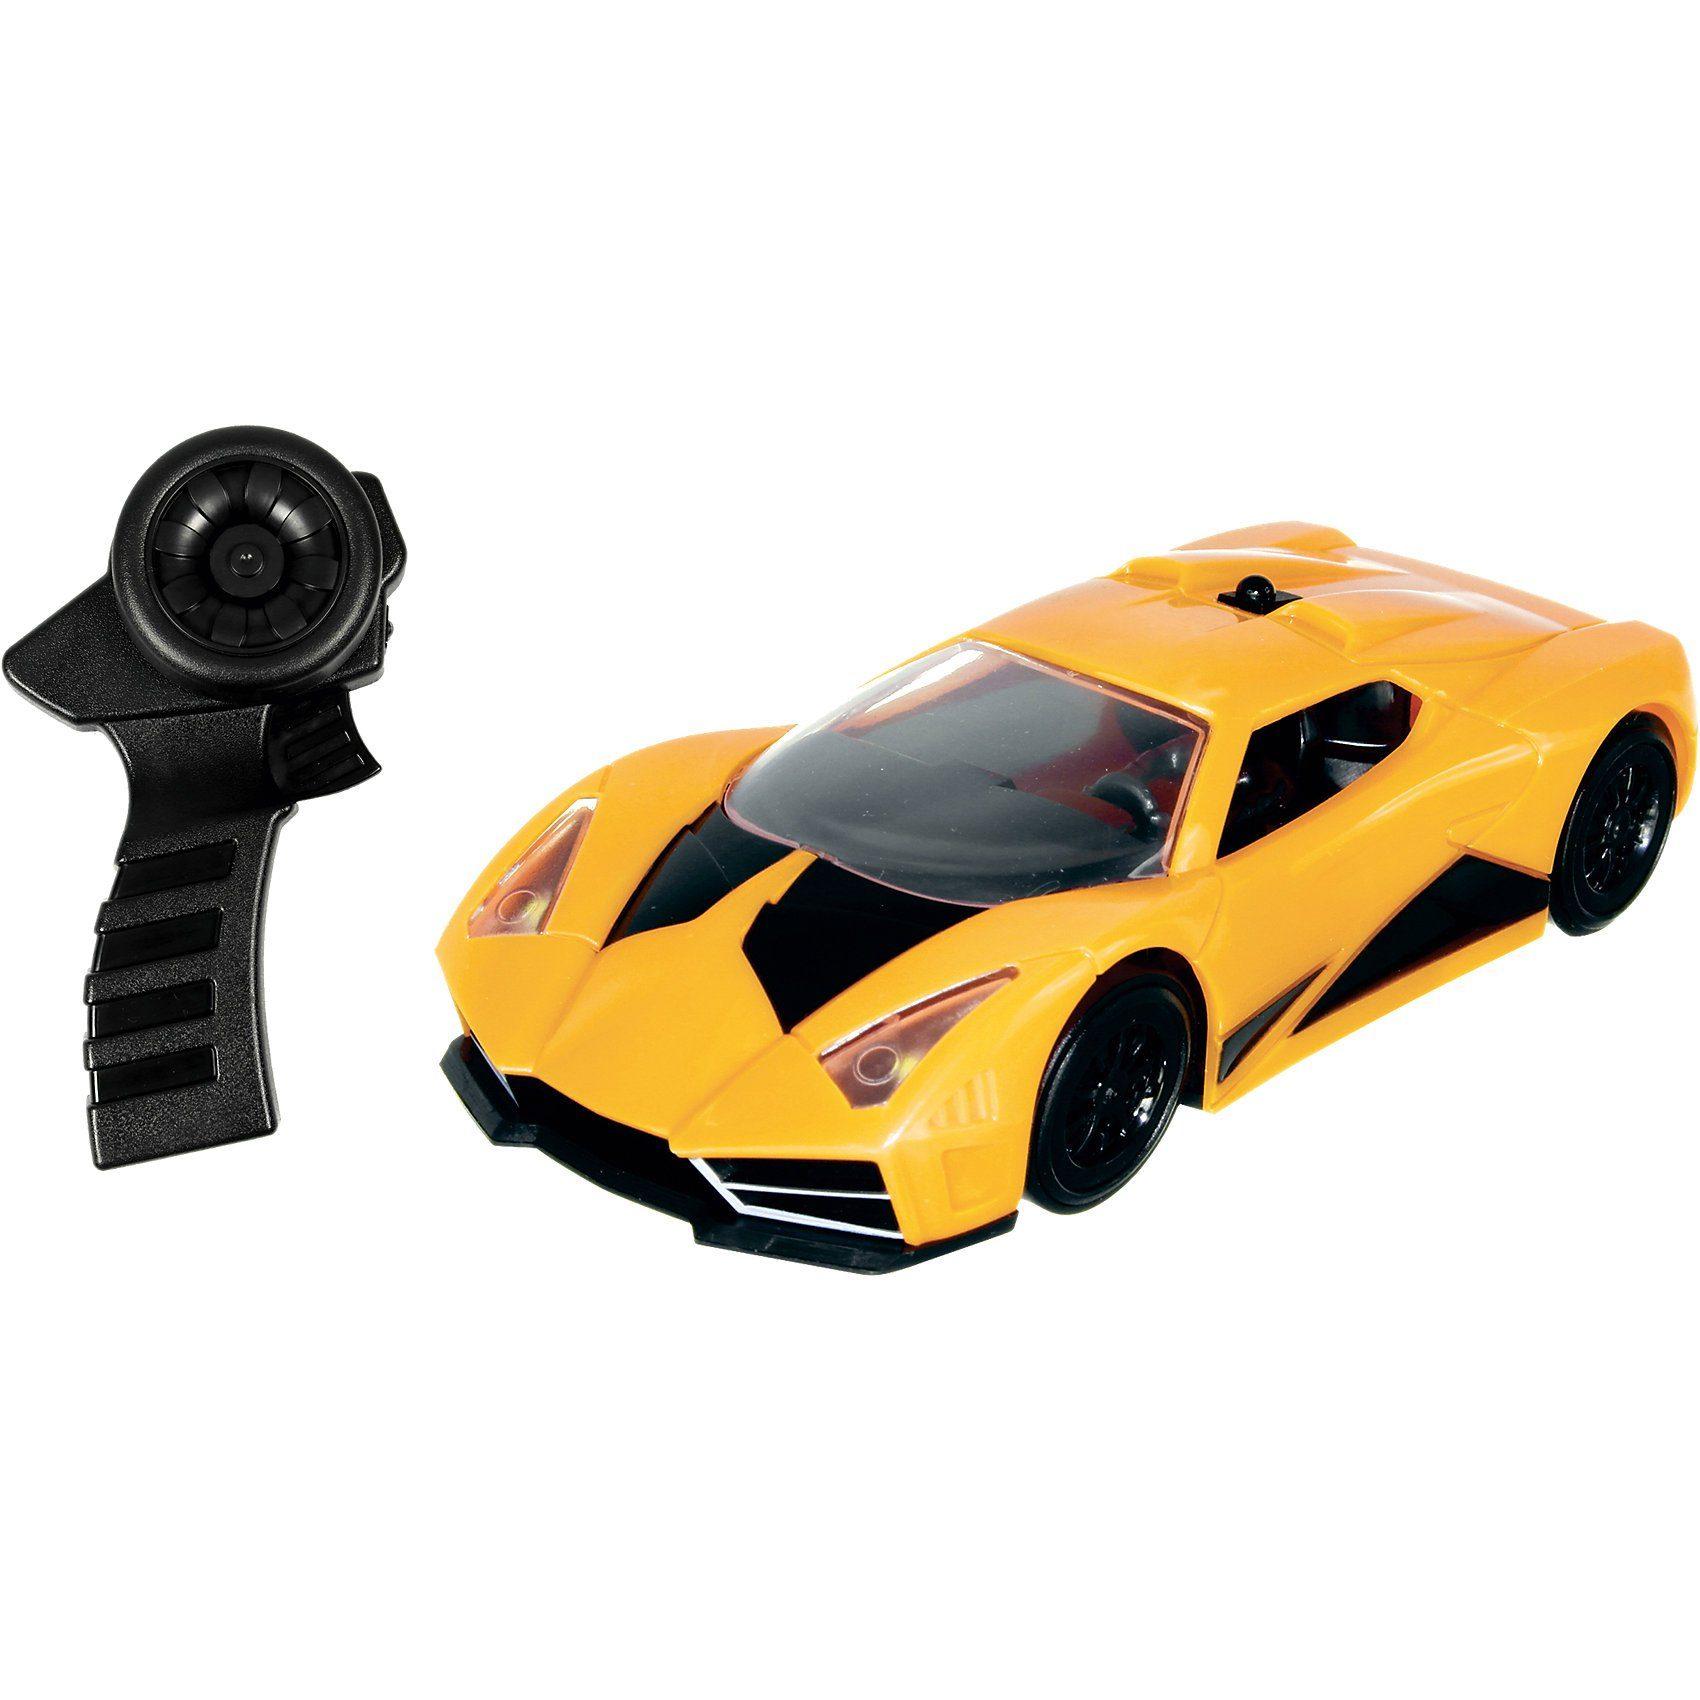 DMX Racer IR Fahrzeug gelb, 1:32